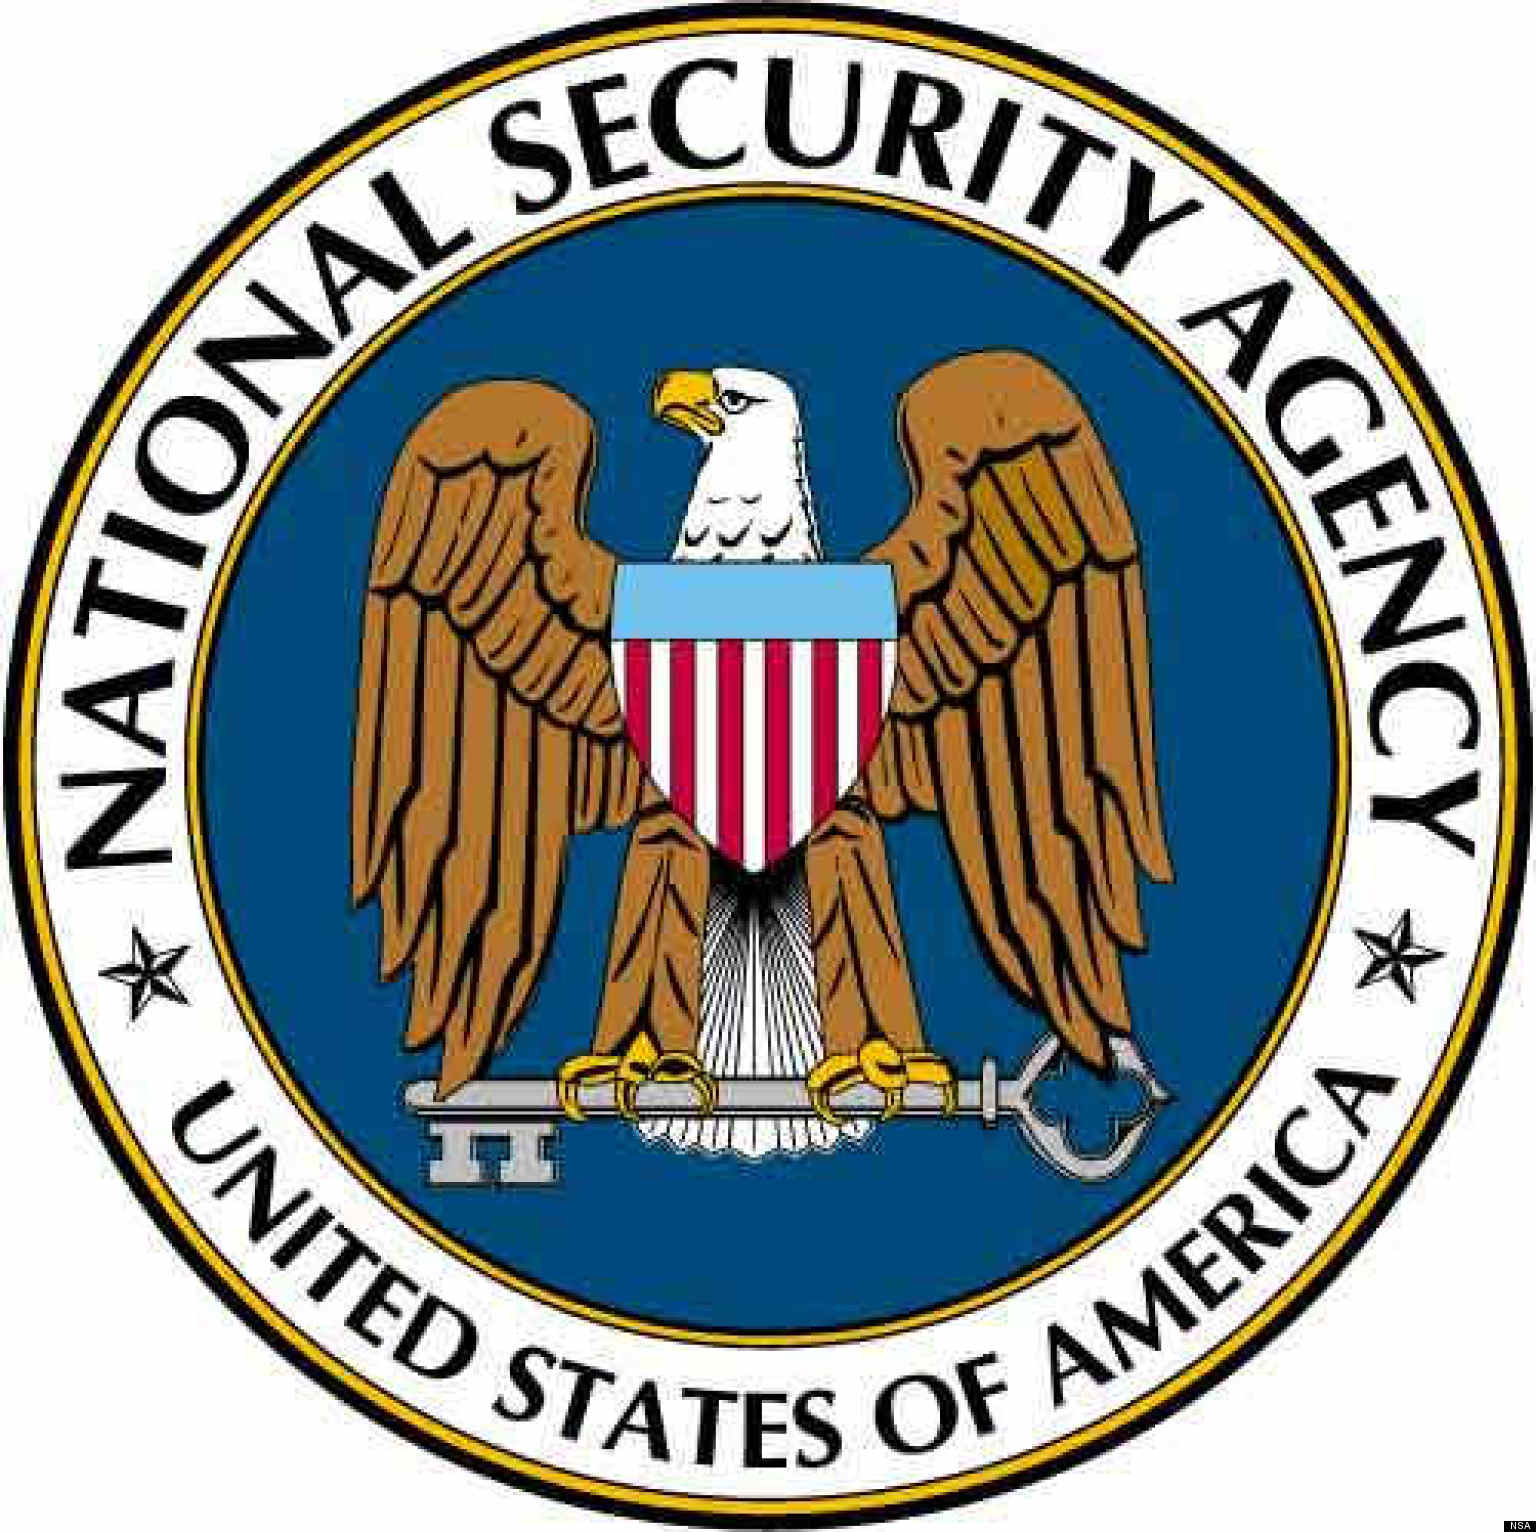 Πώς η NSA απέκτησε πρόσβαση στα δεδομένα χρηστών του Ίντερνετ